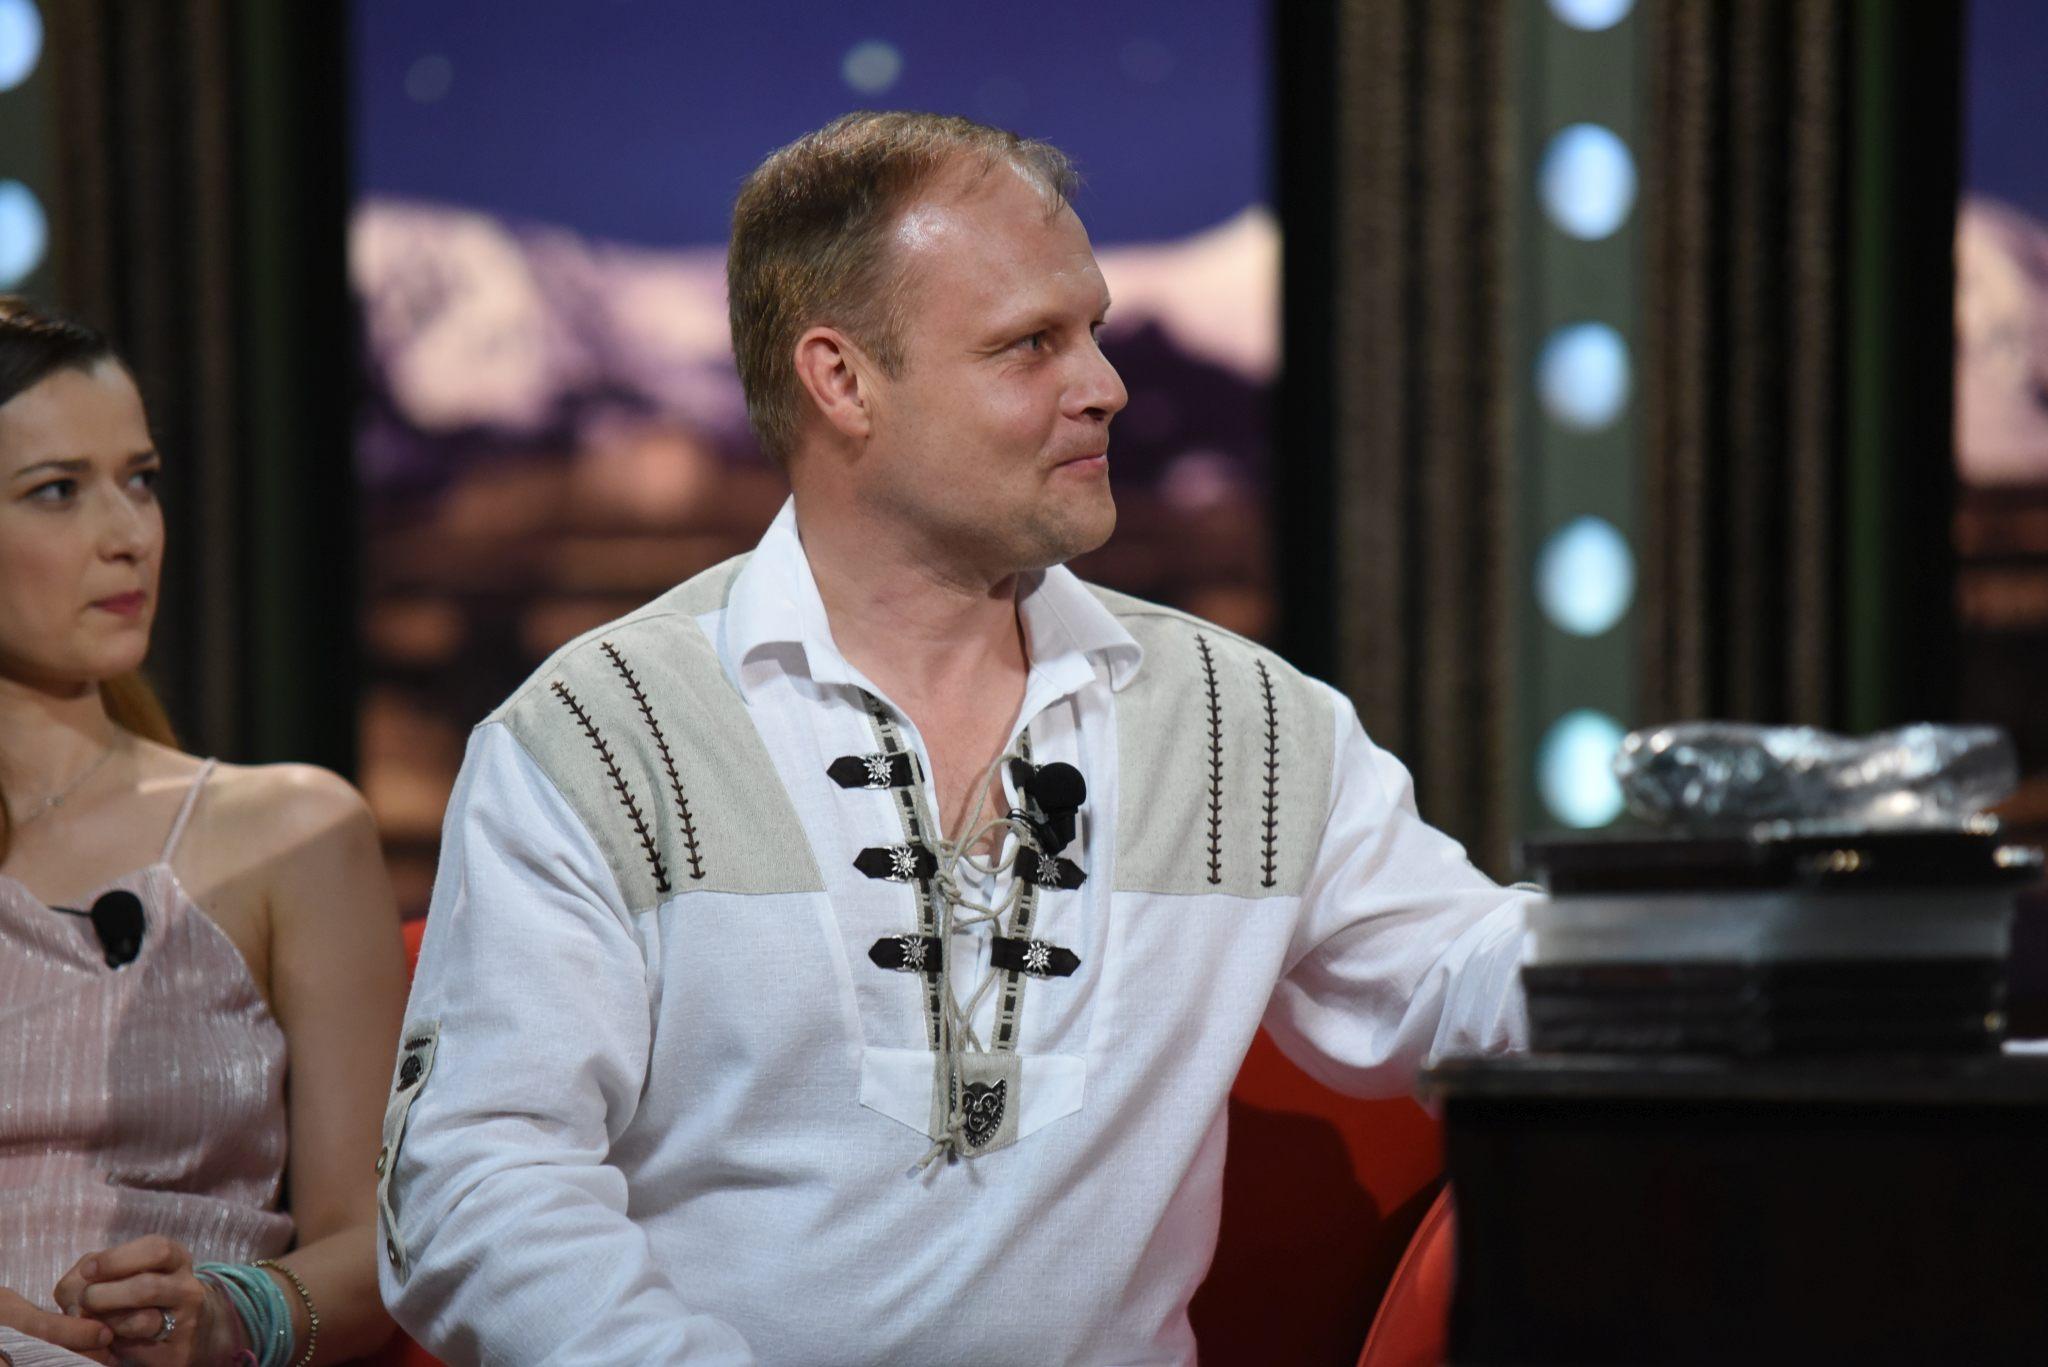 Profesionální vábič zvěře Petr Joo v SJK 1. 6. 2016